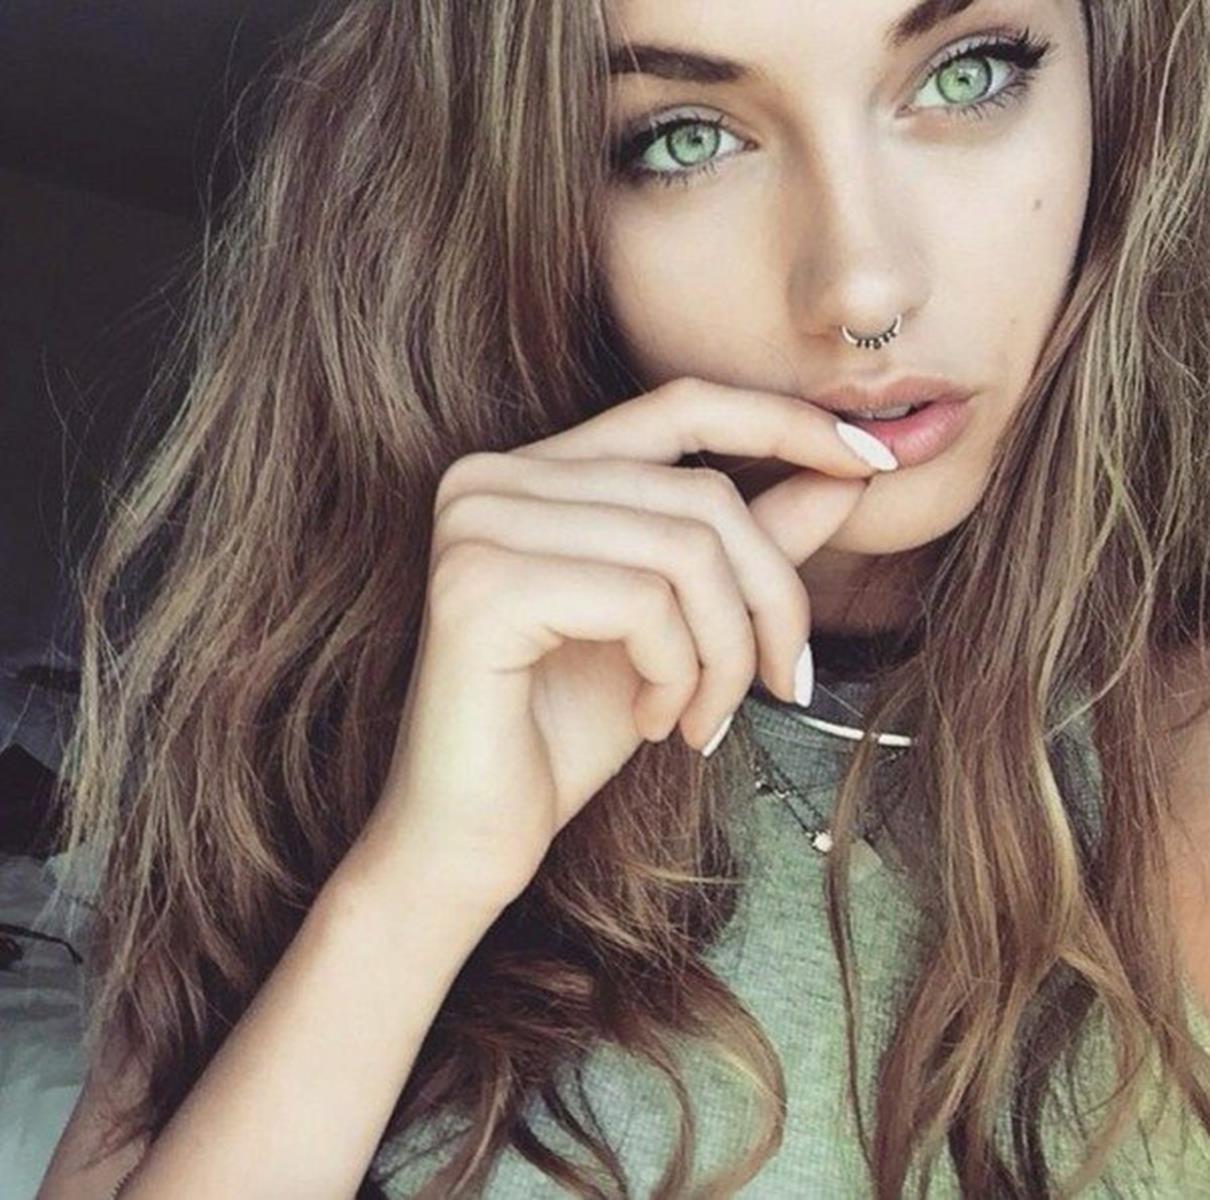 keresés gyönyörű lányok